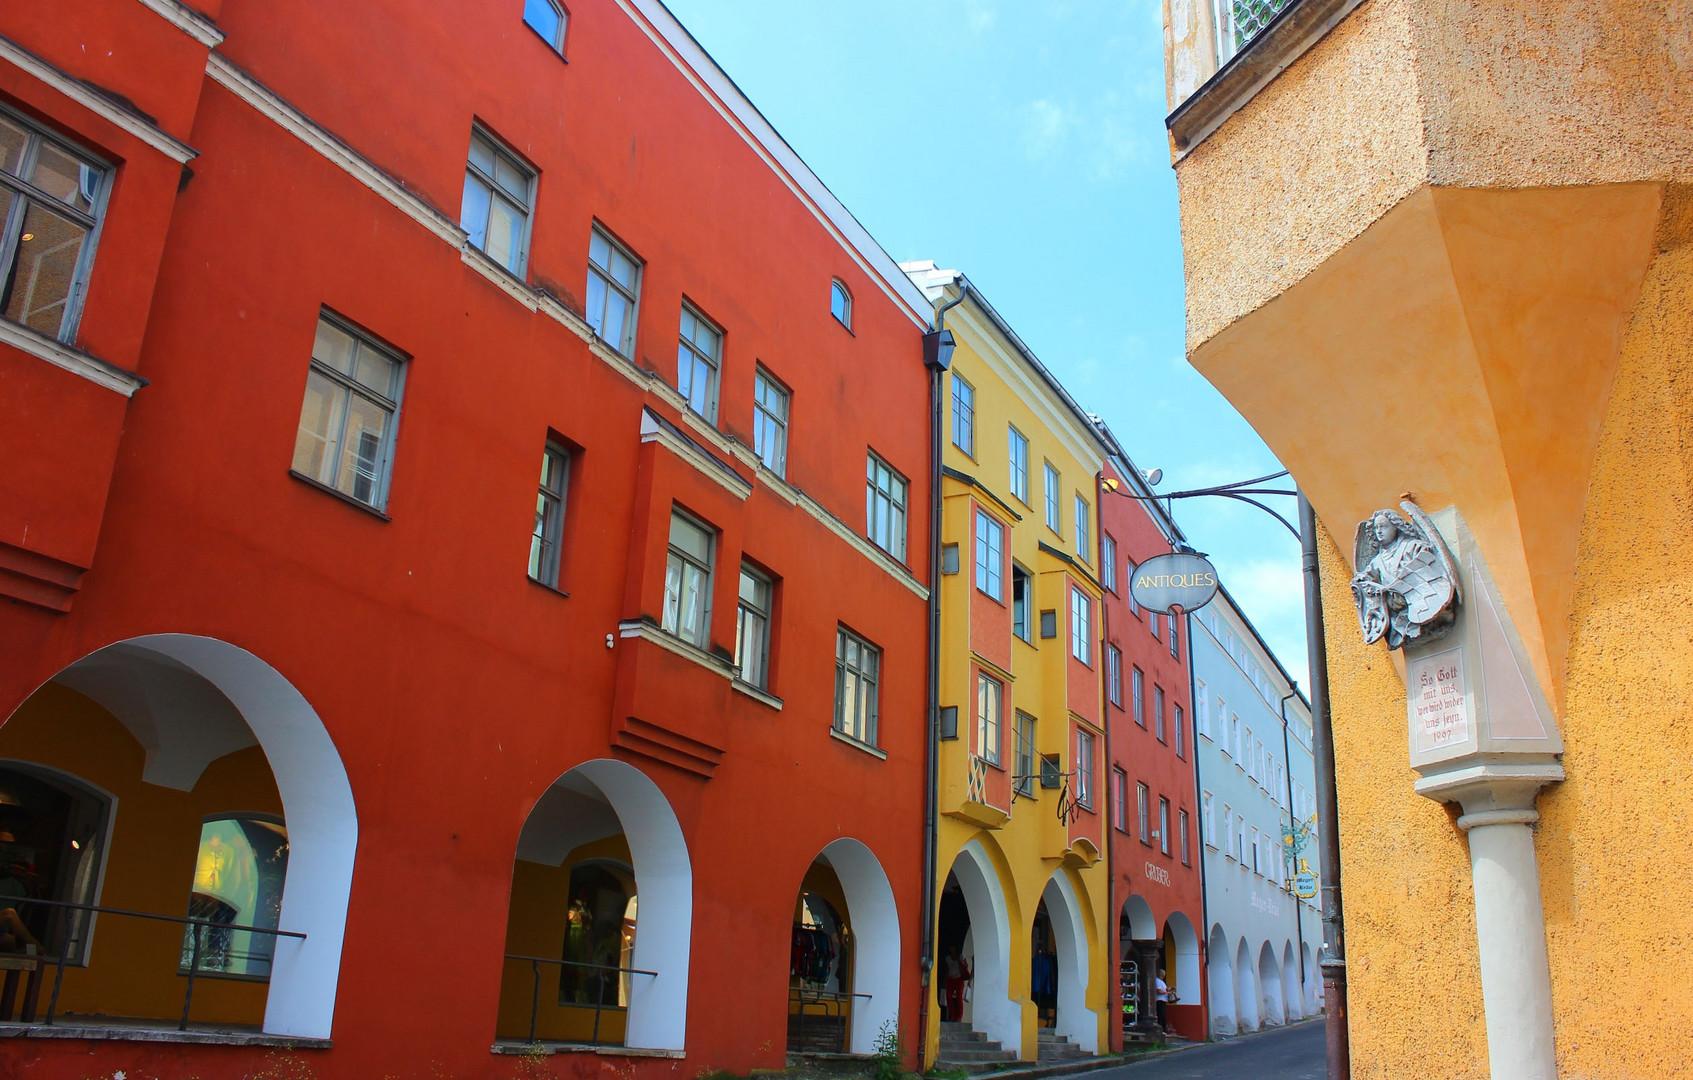 Die Straßen in Wasserburg am Inn